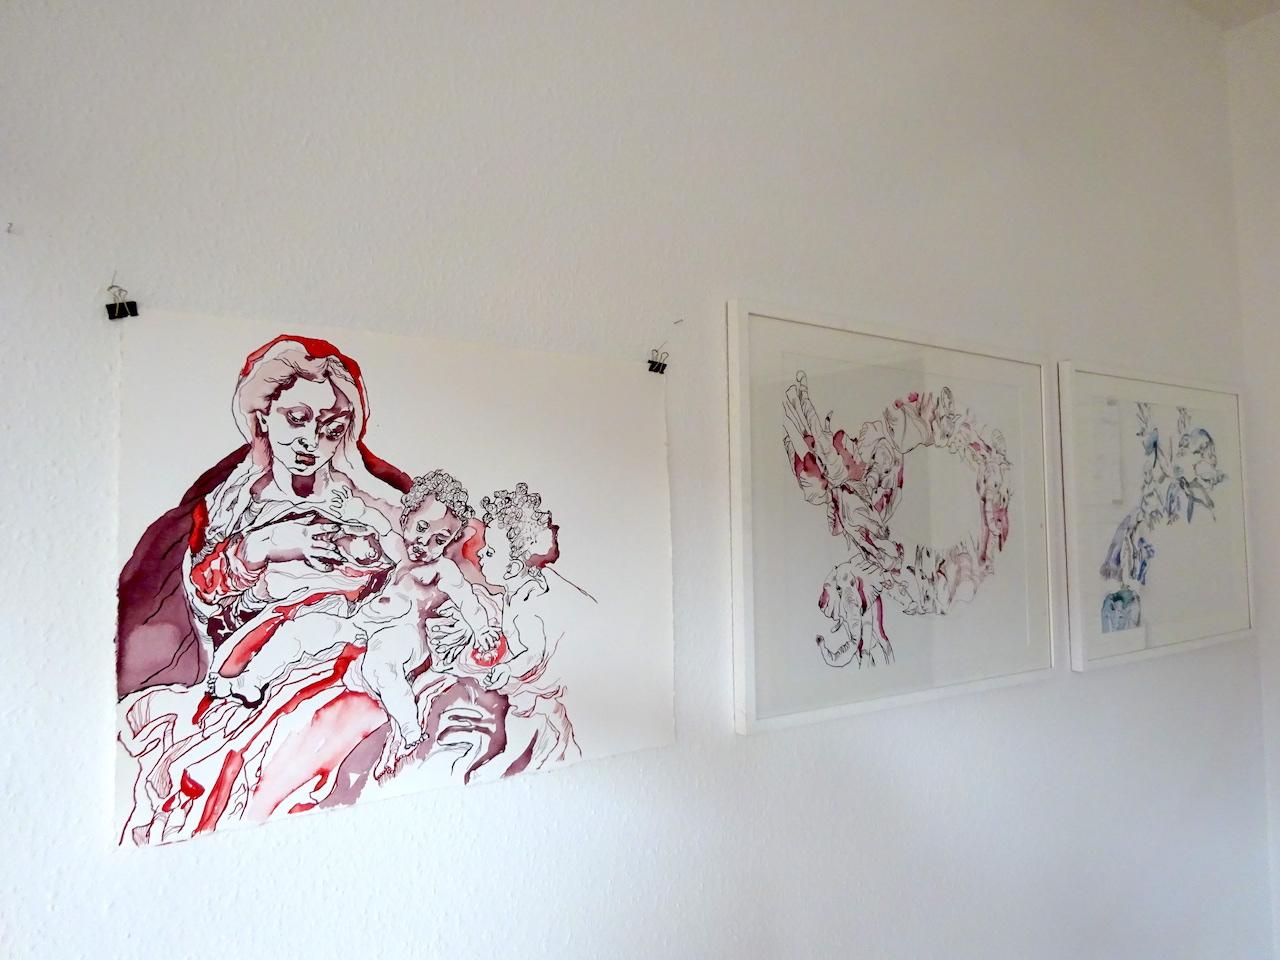 Entstehung Madonne del Latte nach Corregio, 69 x 57 cm, Tusche auf William Turner Hahnemühle Papier, Zeichnung von Susanne Haun (c) VG Bild-Kunst, Bonn 2020